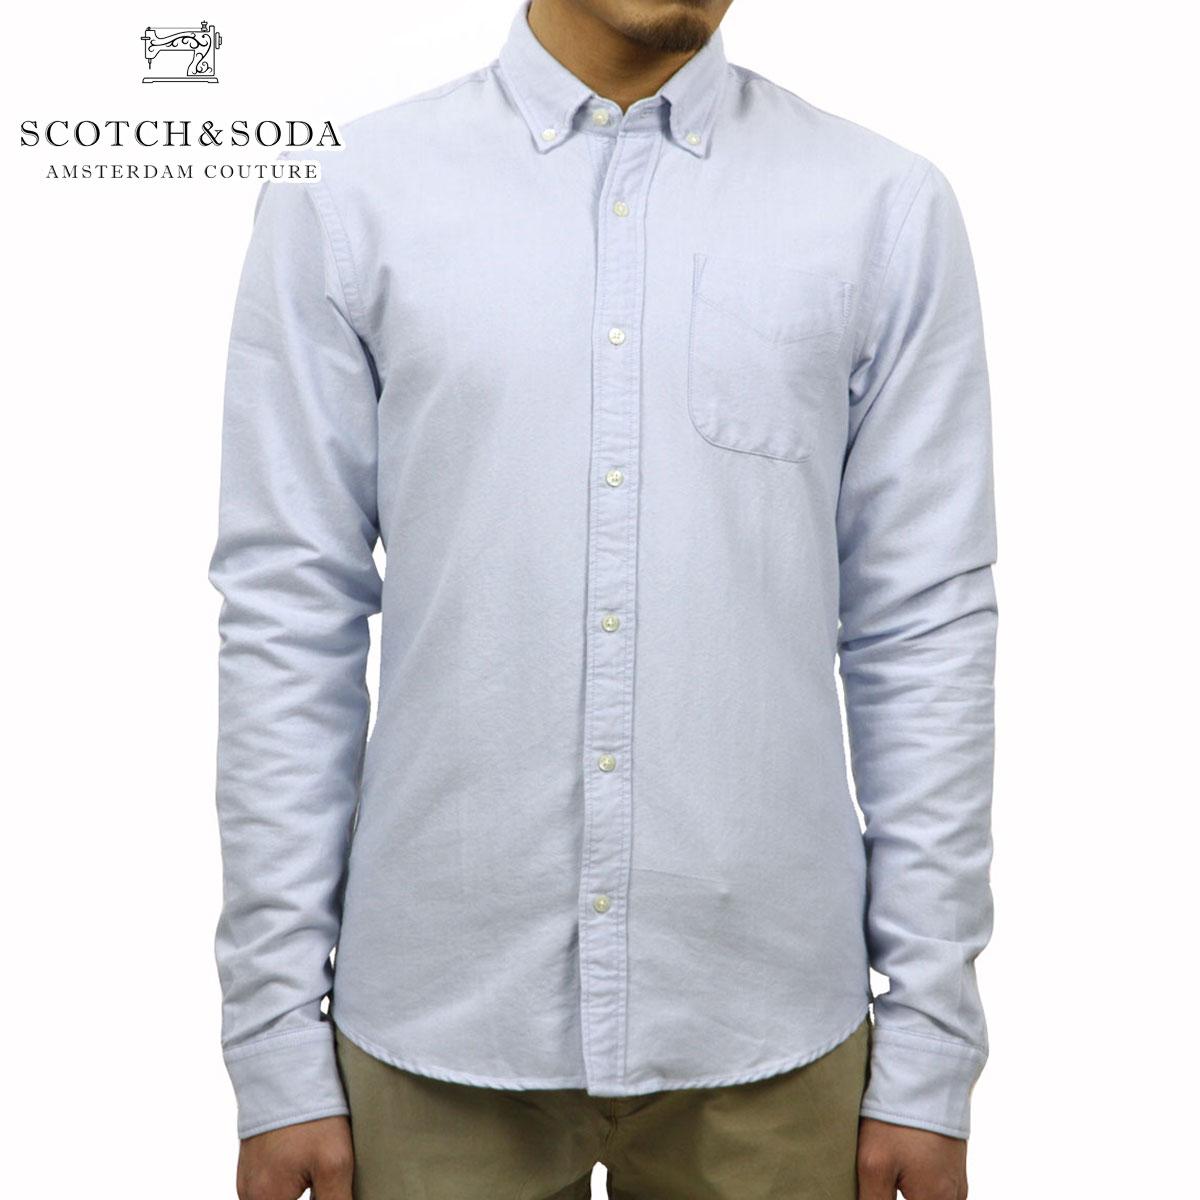 スコッチアンドソーダ SCOTCH&SODA 正規販売店 メンズ 長袖シャツ Classic shirt in rough oxford quality 101404 65 D00S20